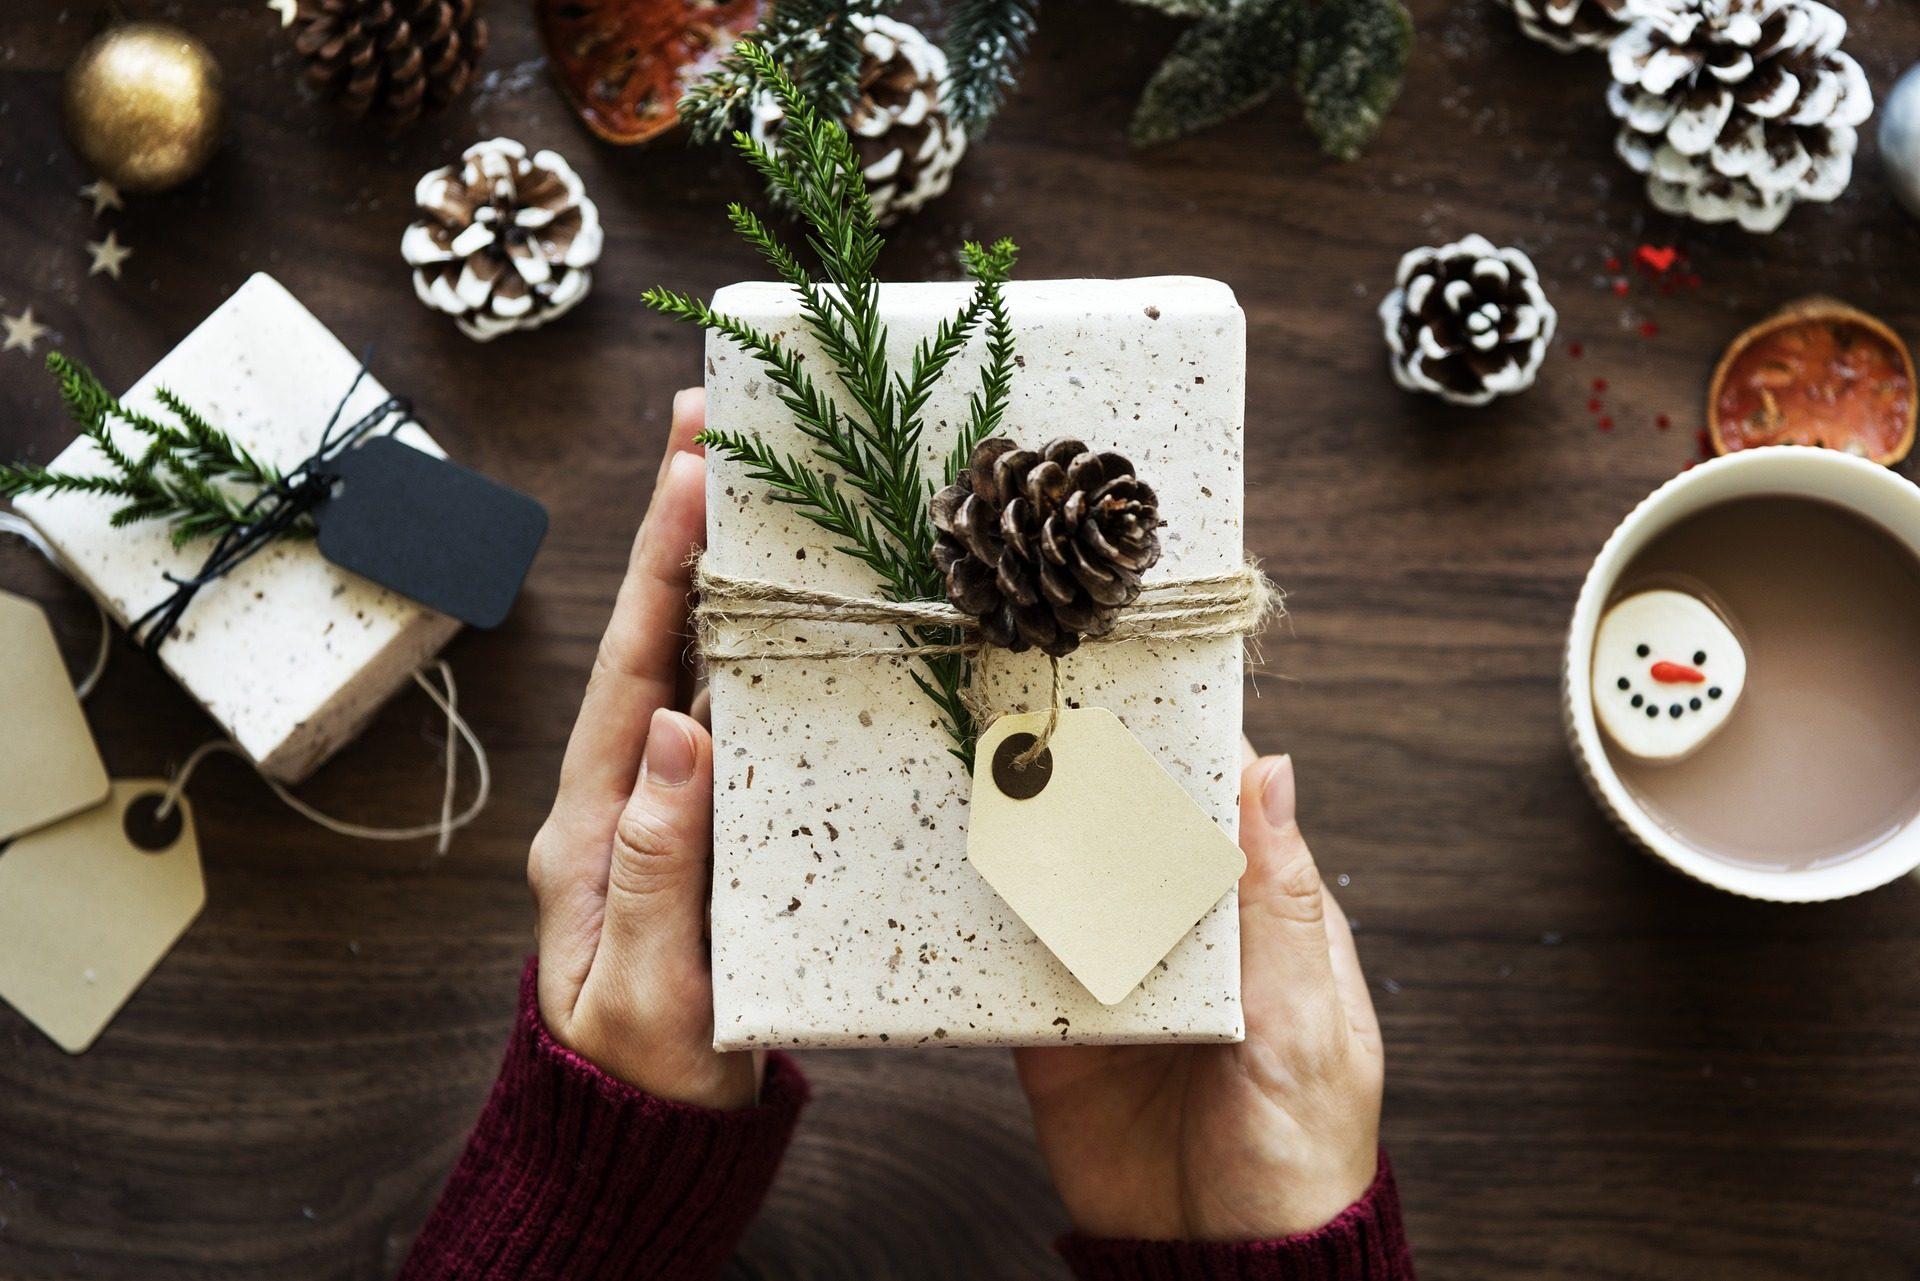 Regali Di Natale Per Maestre.Regalo Di Natale Alle Maestre Si O No Le Nuove Mamme